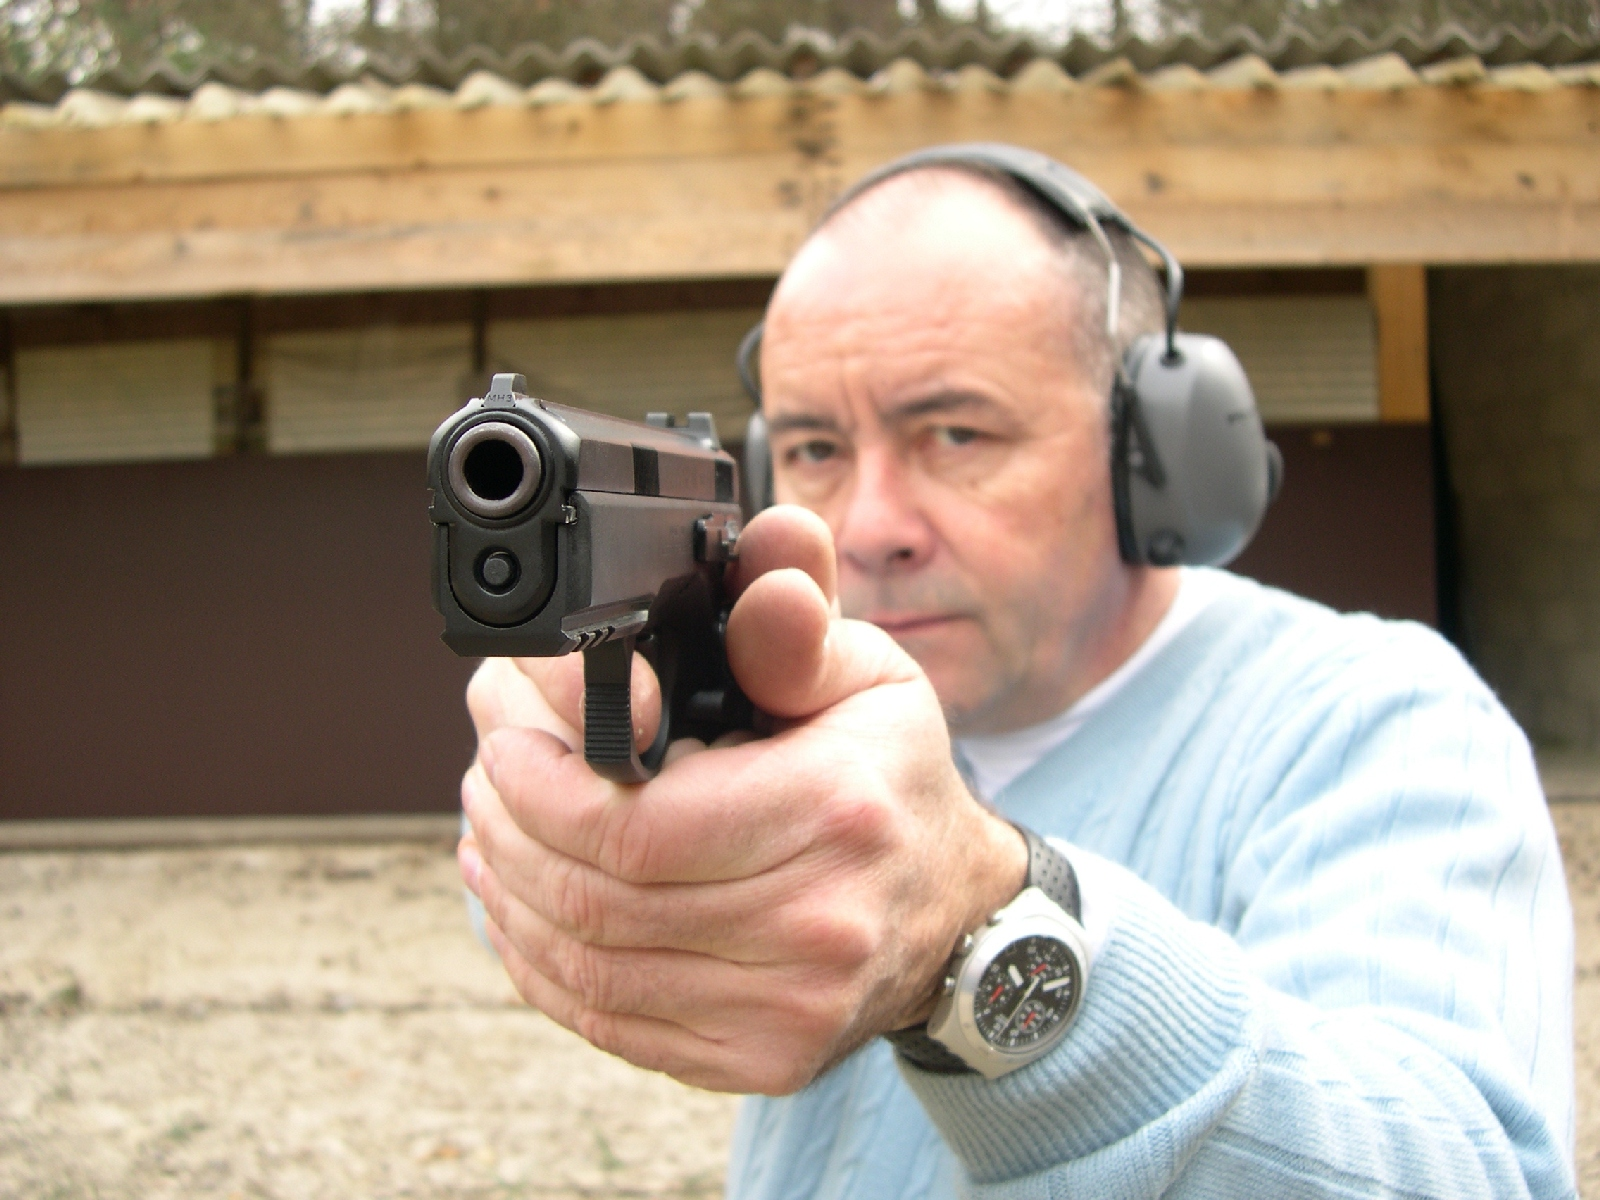 Pistolet CZ 75 modèle SP-01 en calibre 9 mm Parabellum lors de notre banc d'essai réalisé en 2006.